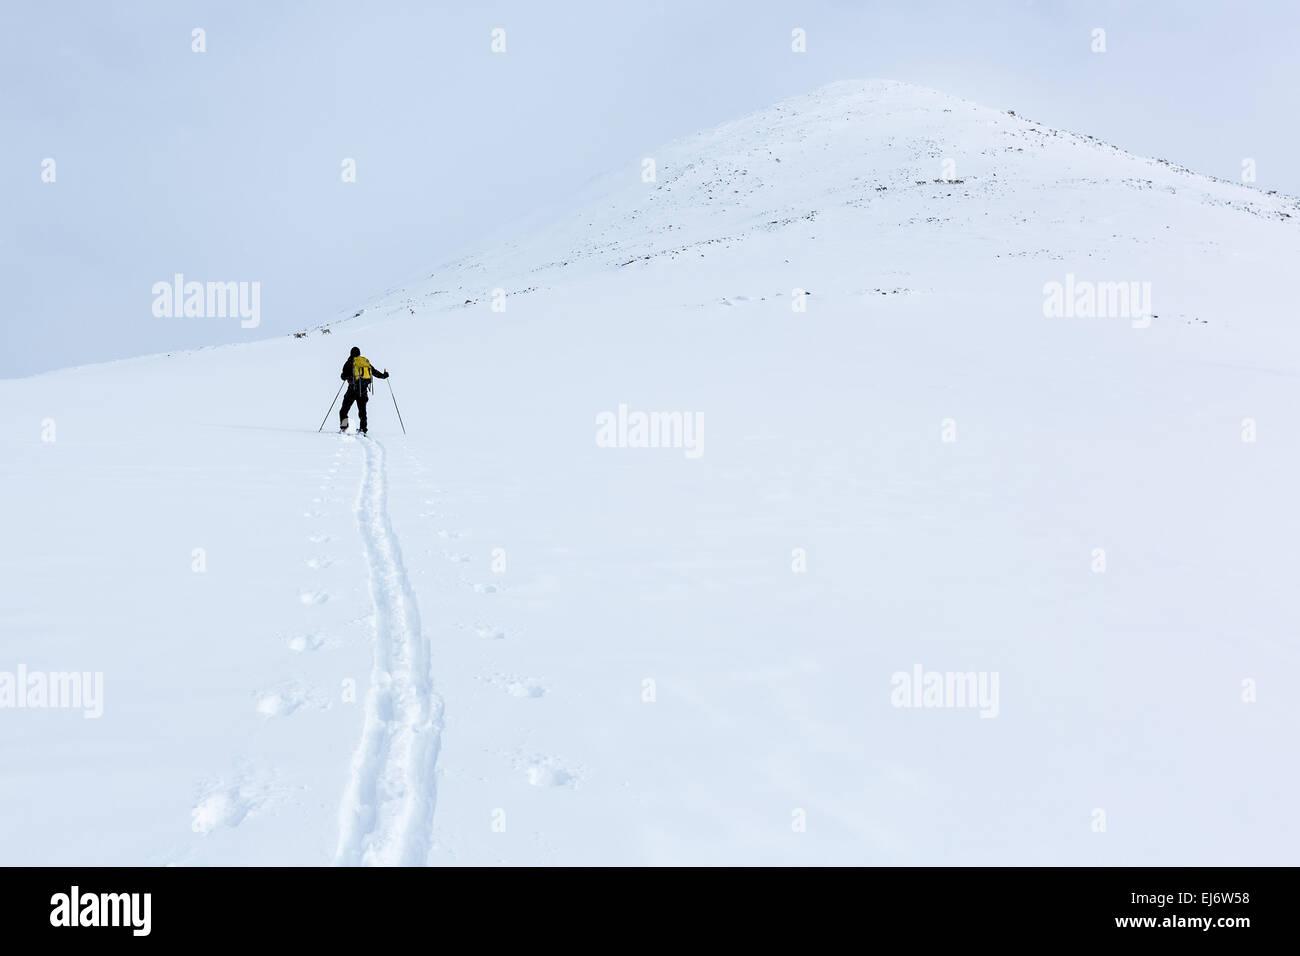 Heading towards to summit of Nallo mountains, Kebnekaise mountain area, Kiruna, Sweden, Europe, EU - Stock Image